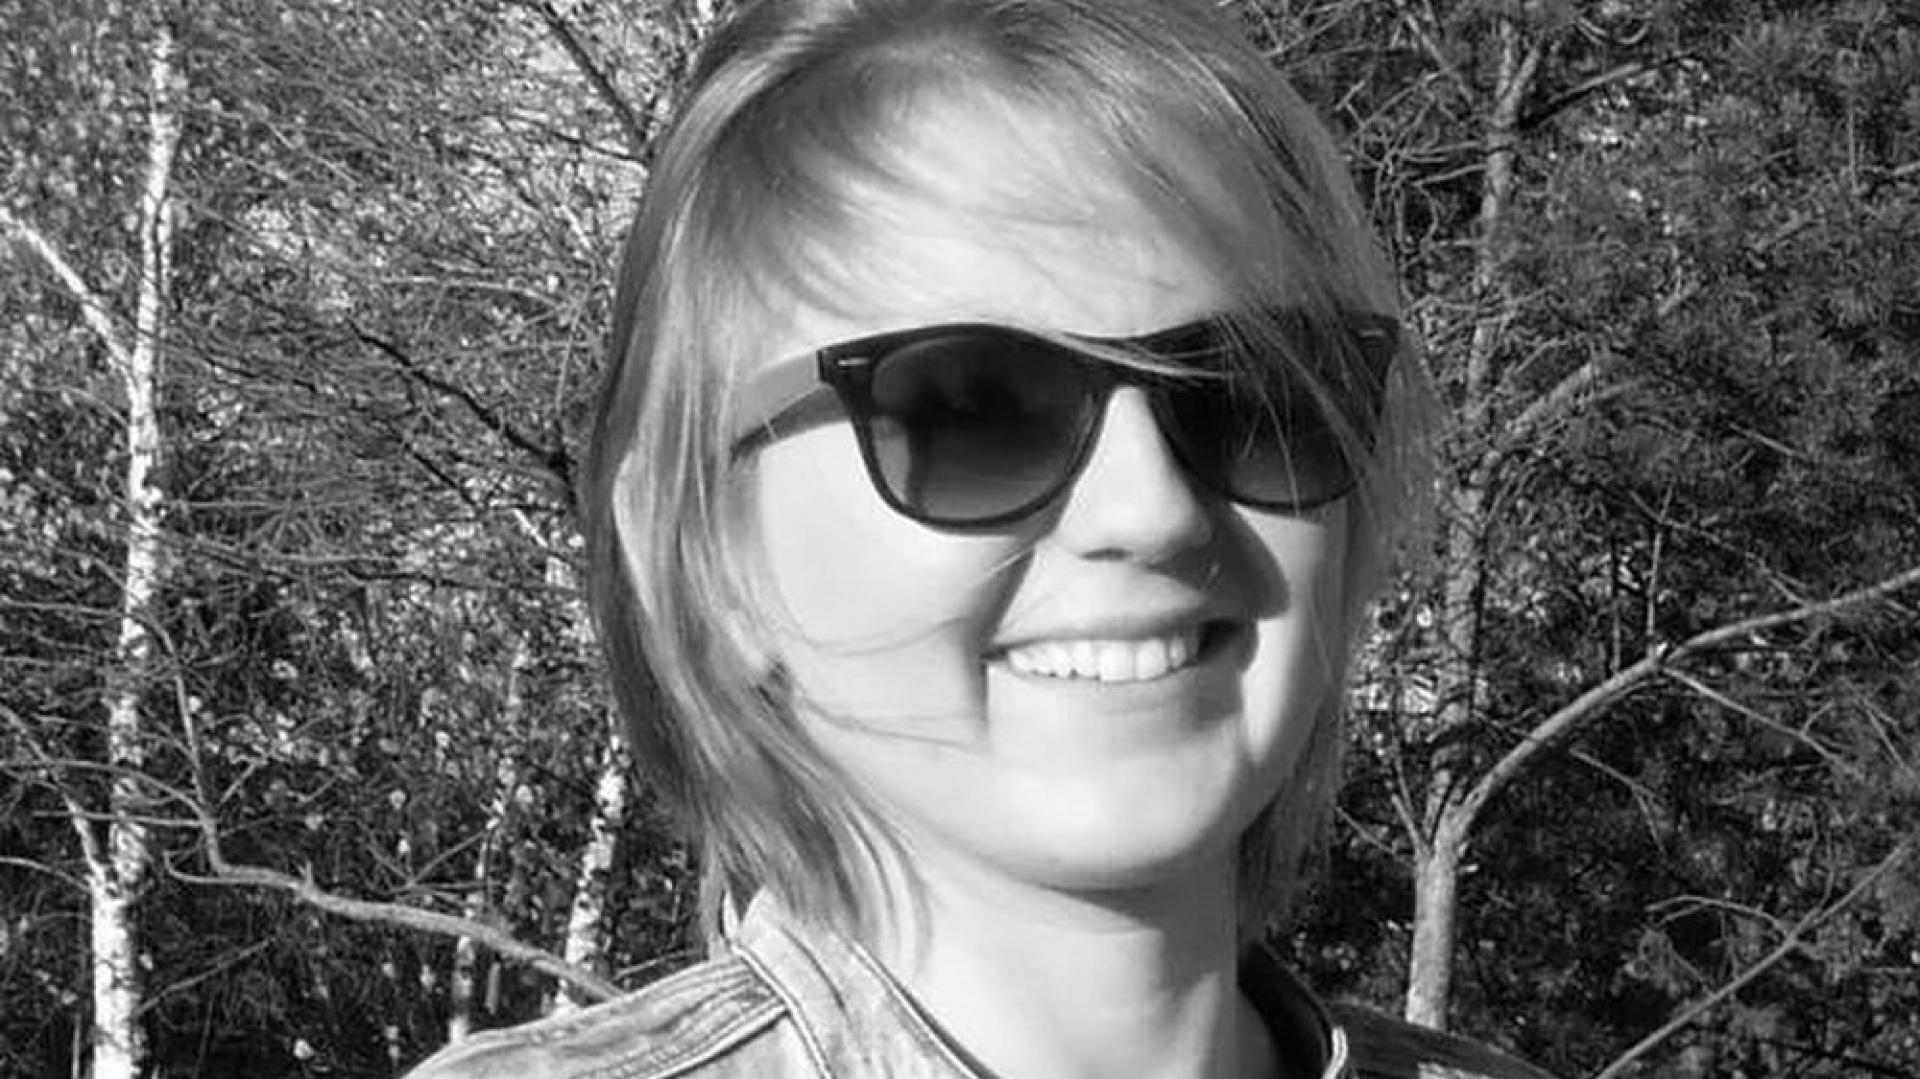 Kamila Snela z pracowni projektowej Wnętrzomania, podpowiada jak wyposażyć i na co zwrócić uwagę przy aranżowaniu mieszkania, aby było ono atrakcyjne dla studentów do wynajmu. Fot. Archiwum projektanta